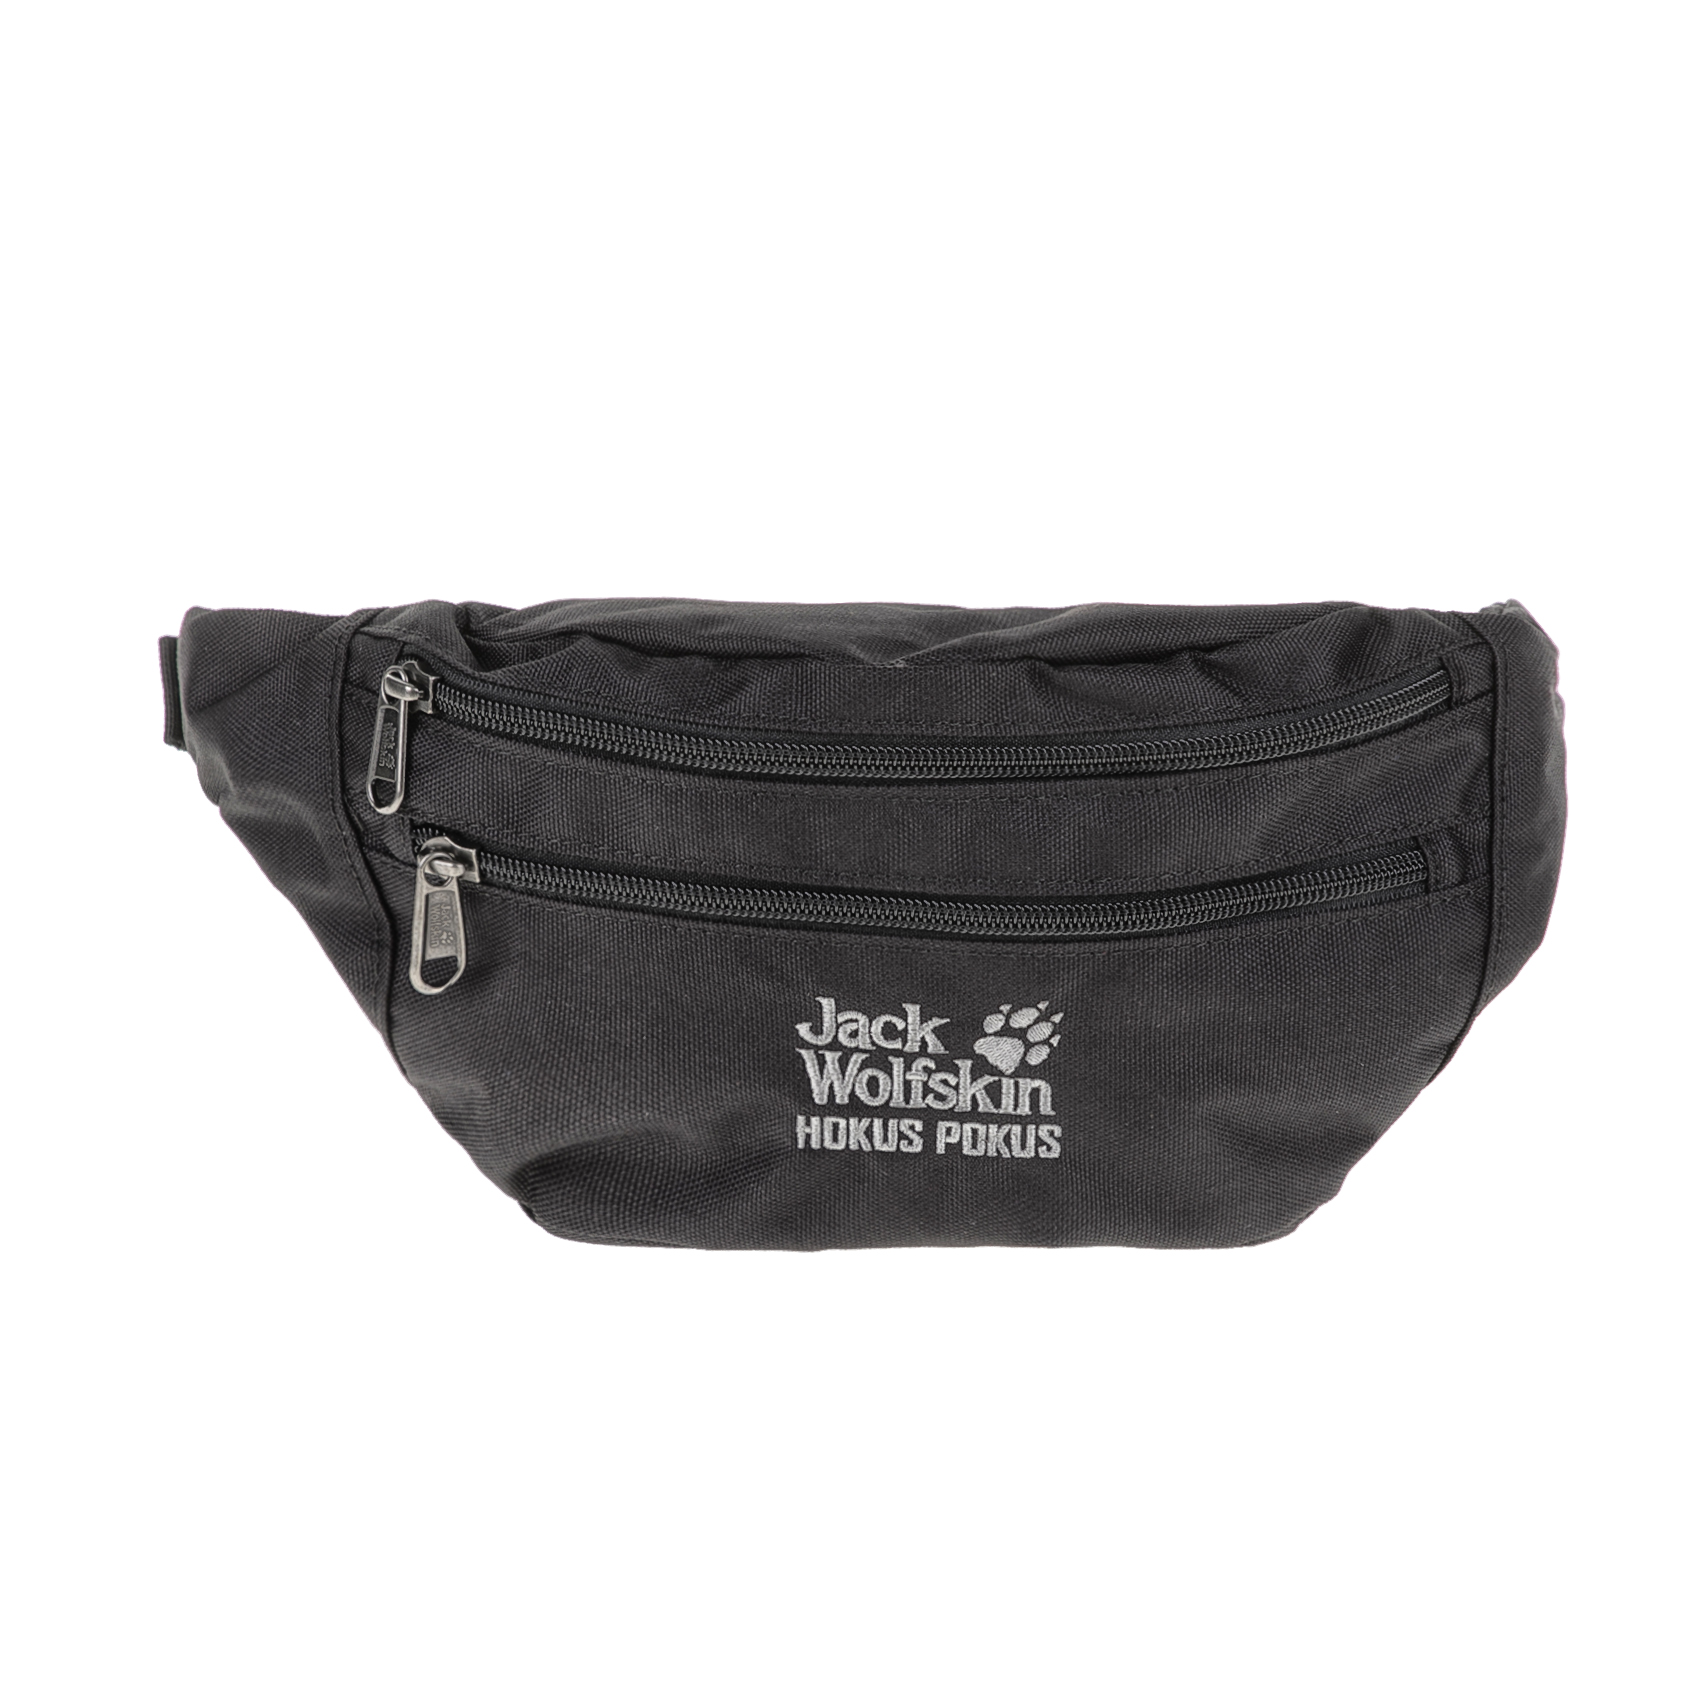 JACK WOLFSKIN – Τσαντάκι μέσης HOKUS POKUS FANNY PACK EQUIPM JACK WOLFSKIN μαύρο 1635945.0-0071